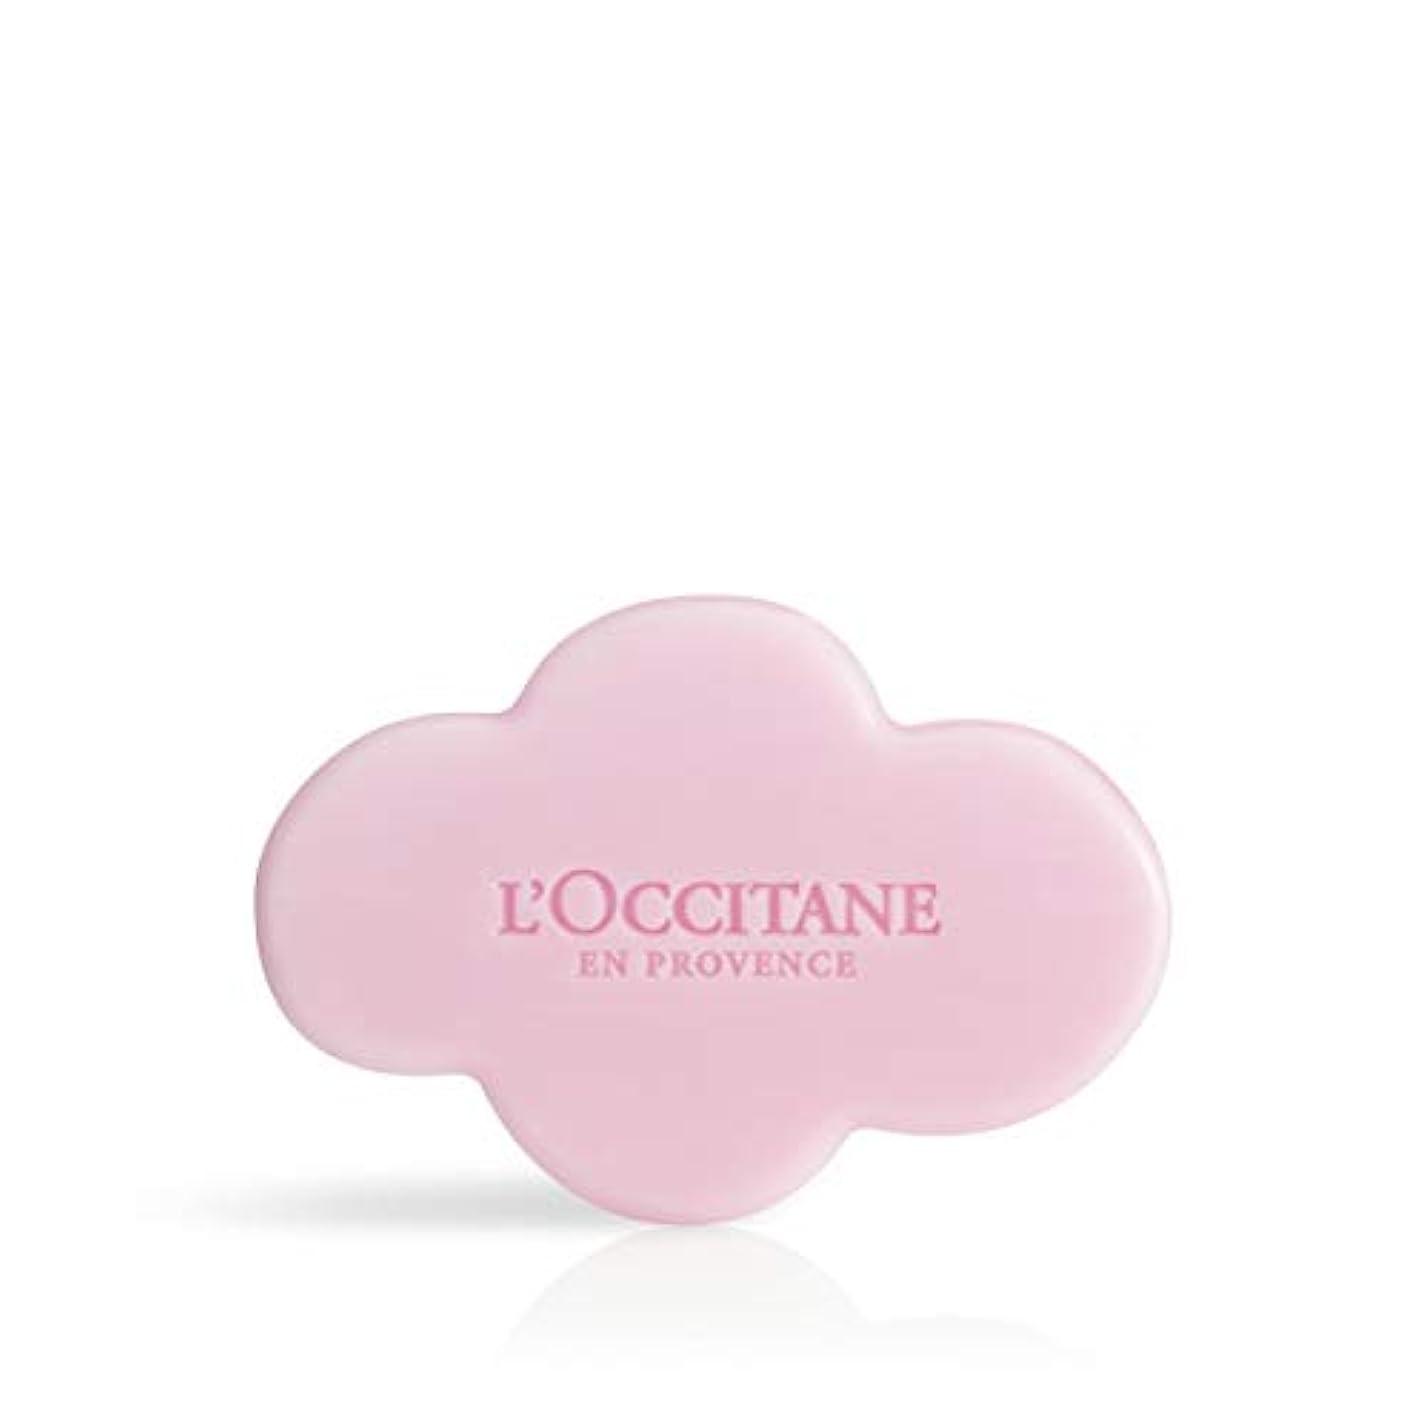 適合対応麺ロクシタン(L'OCCITANE) フェスティブガーデン シア ソープ 150g 石鹸 スパークリングフローラル